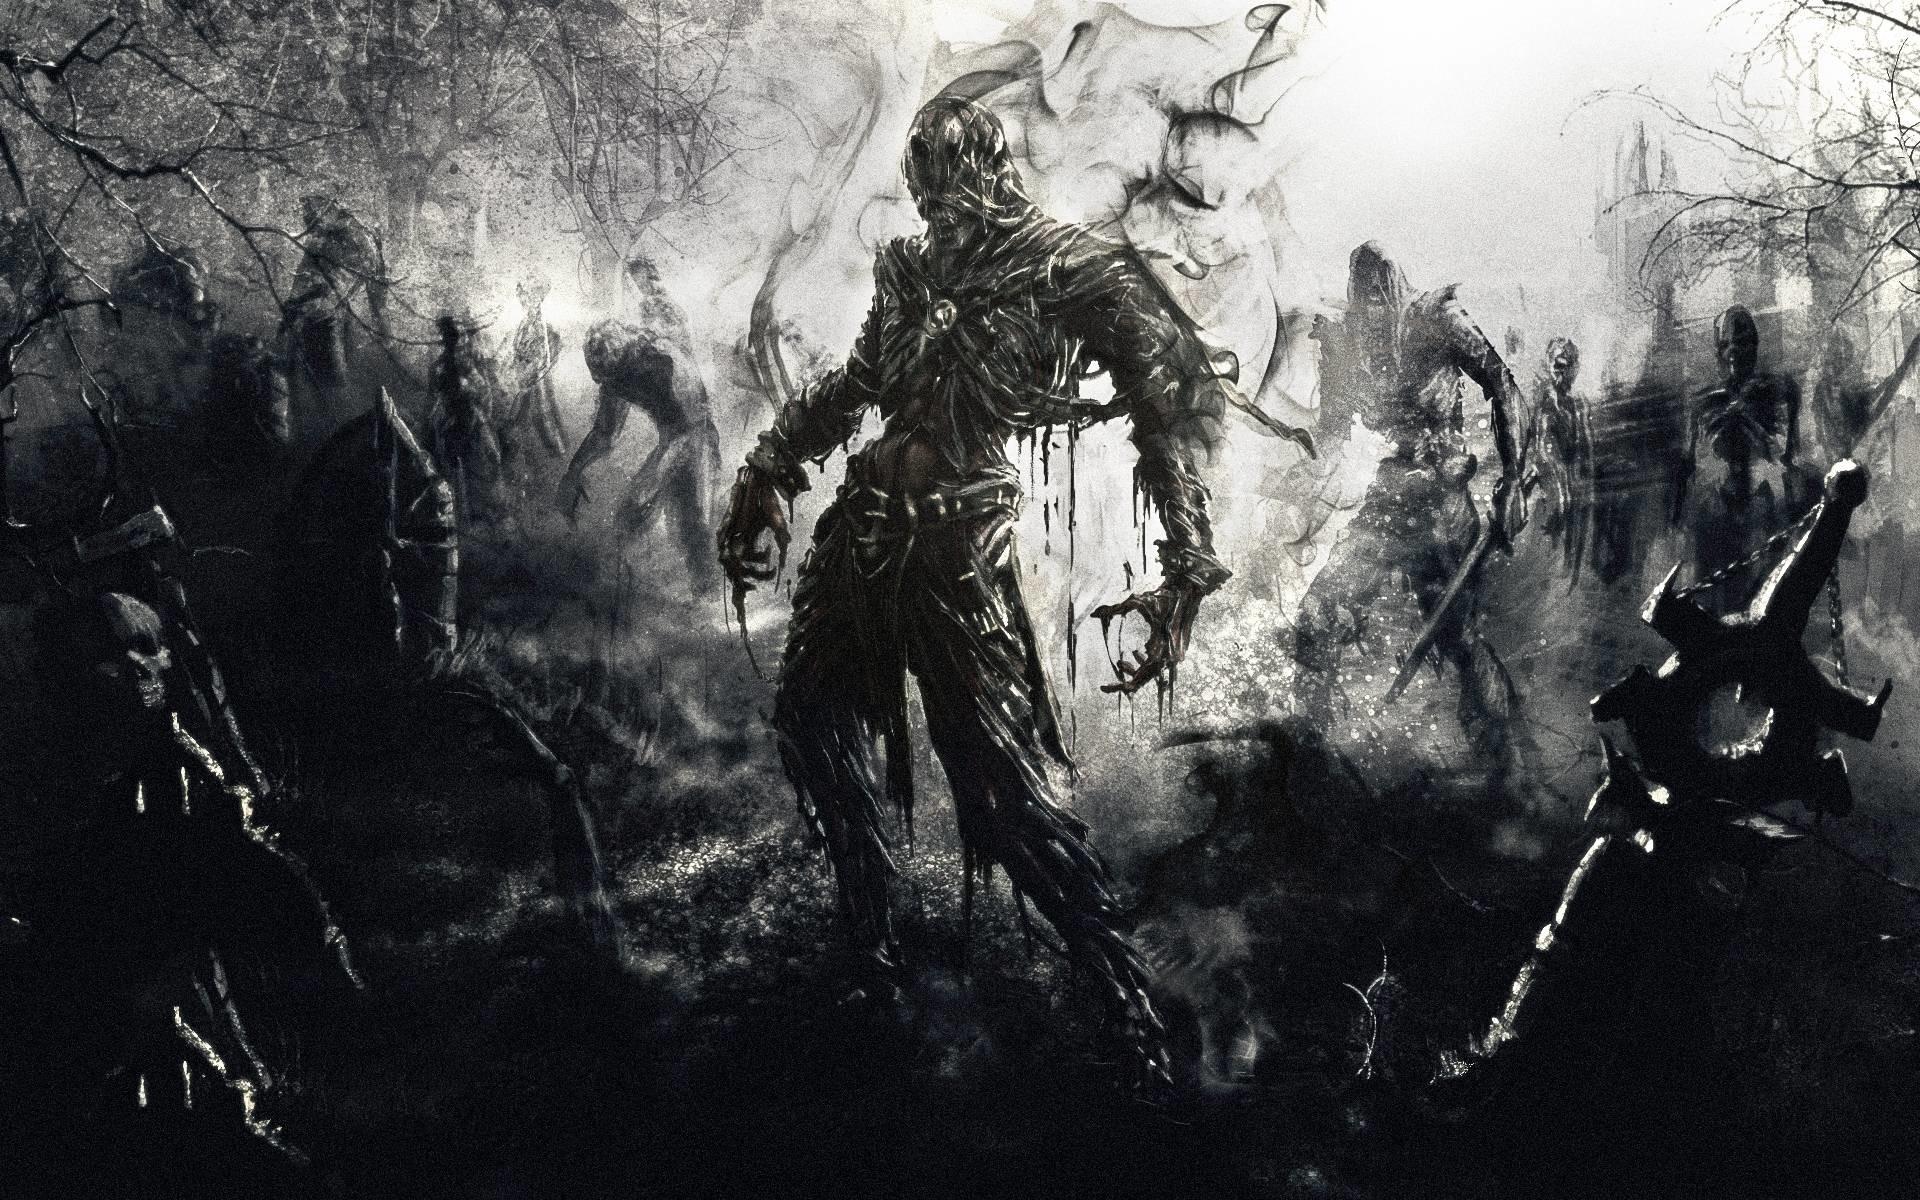 Flatbush Zombies Wallpaper 71 Images